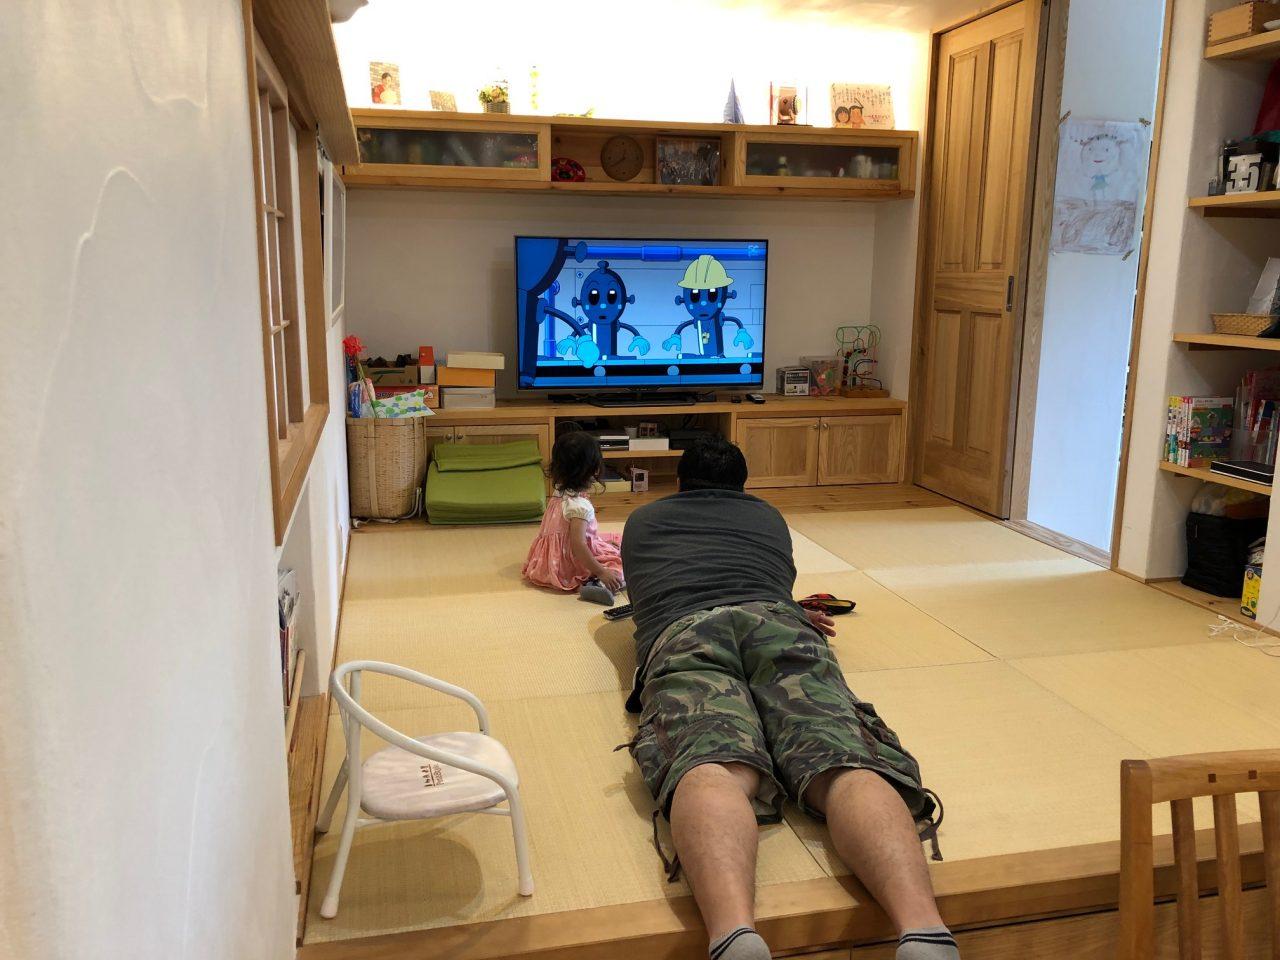 小上がりの畳ルームで好きな姿勢で見るテレビ